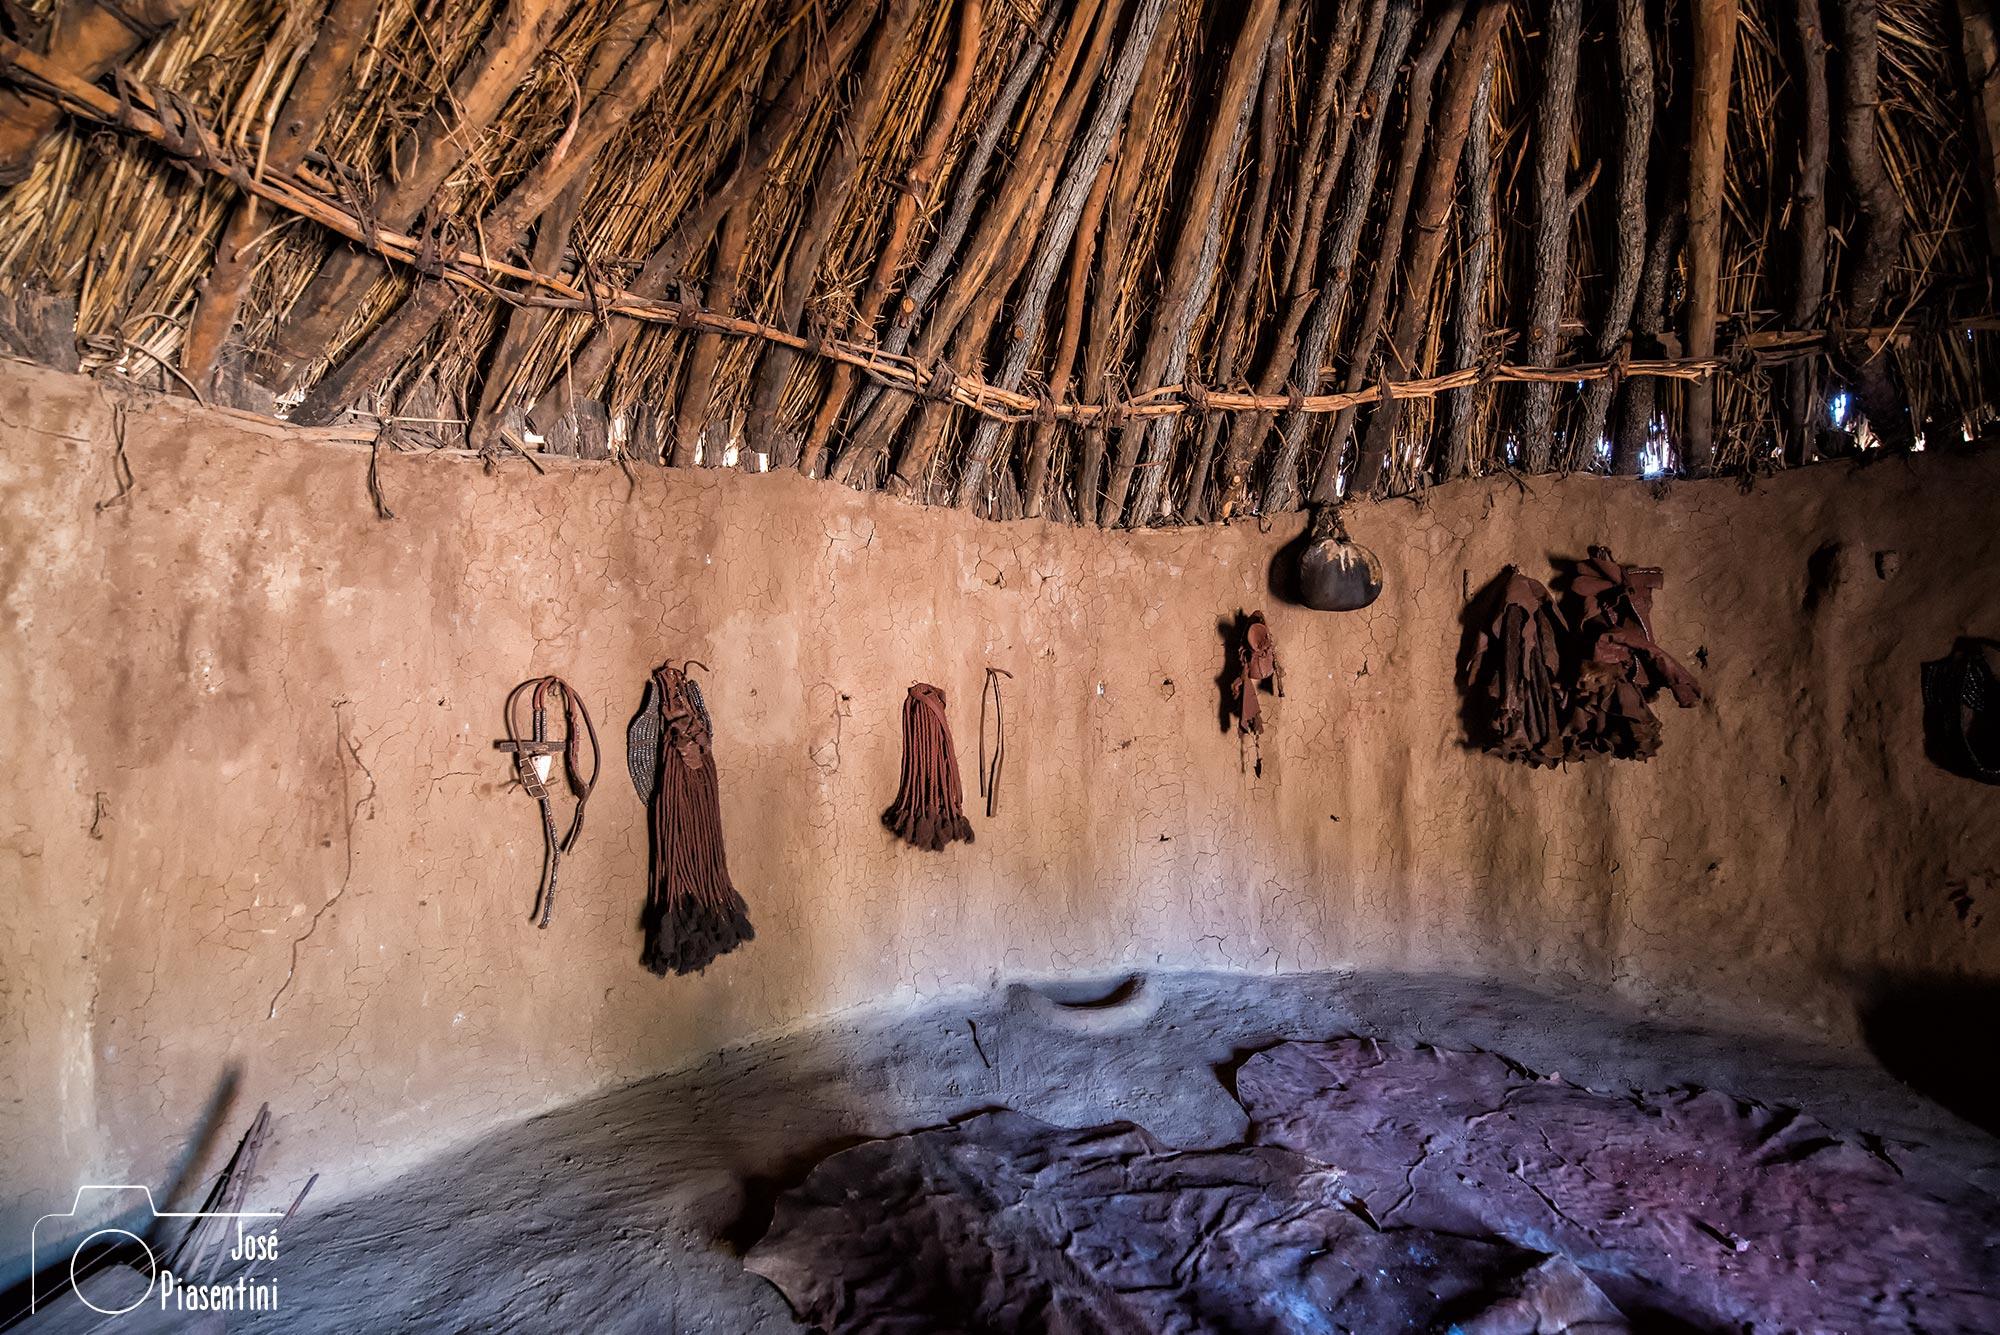 Pelucas de las Himba en su choza. Piasentini dandovueltasfotos